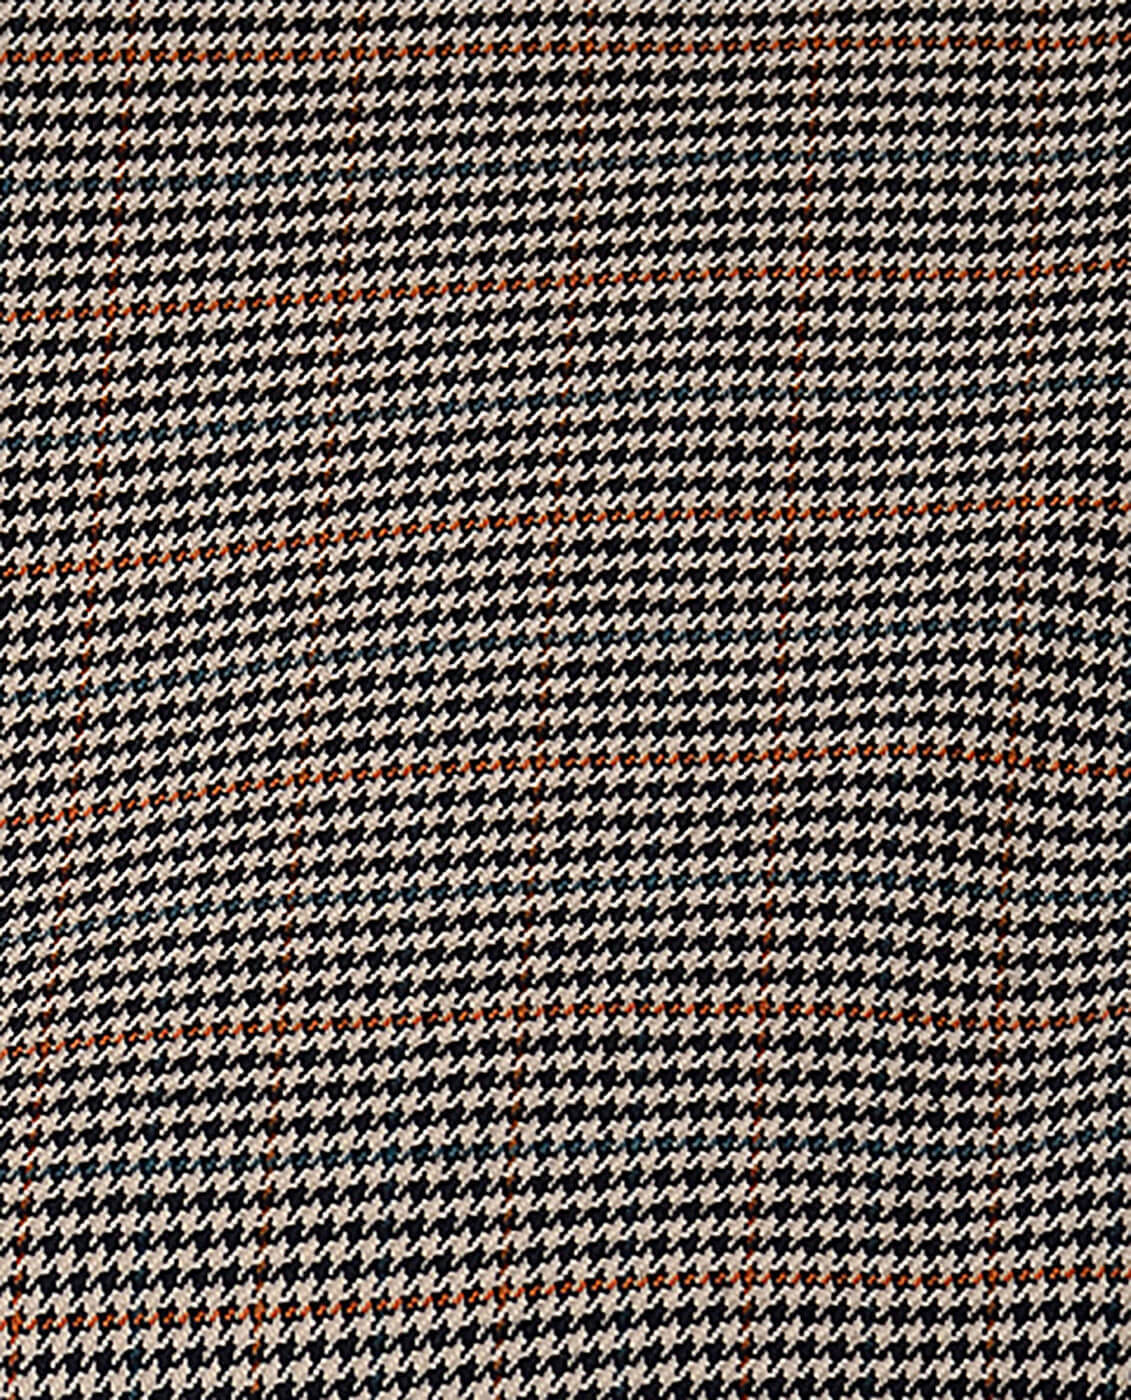 Кардиган-пальто Зара оливково-коричневый